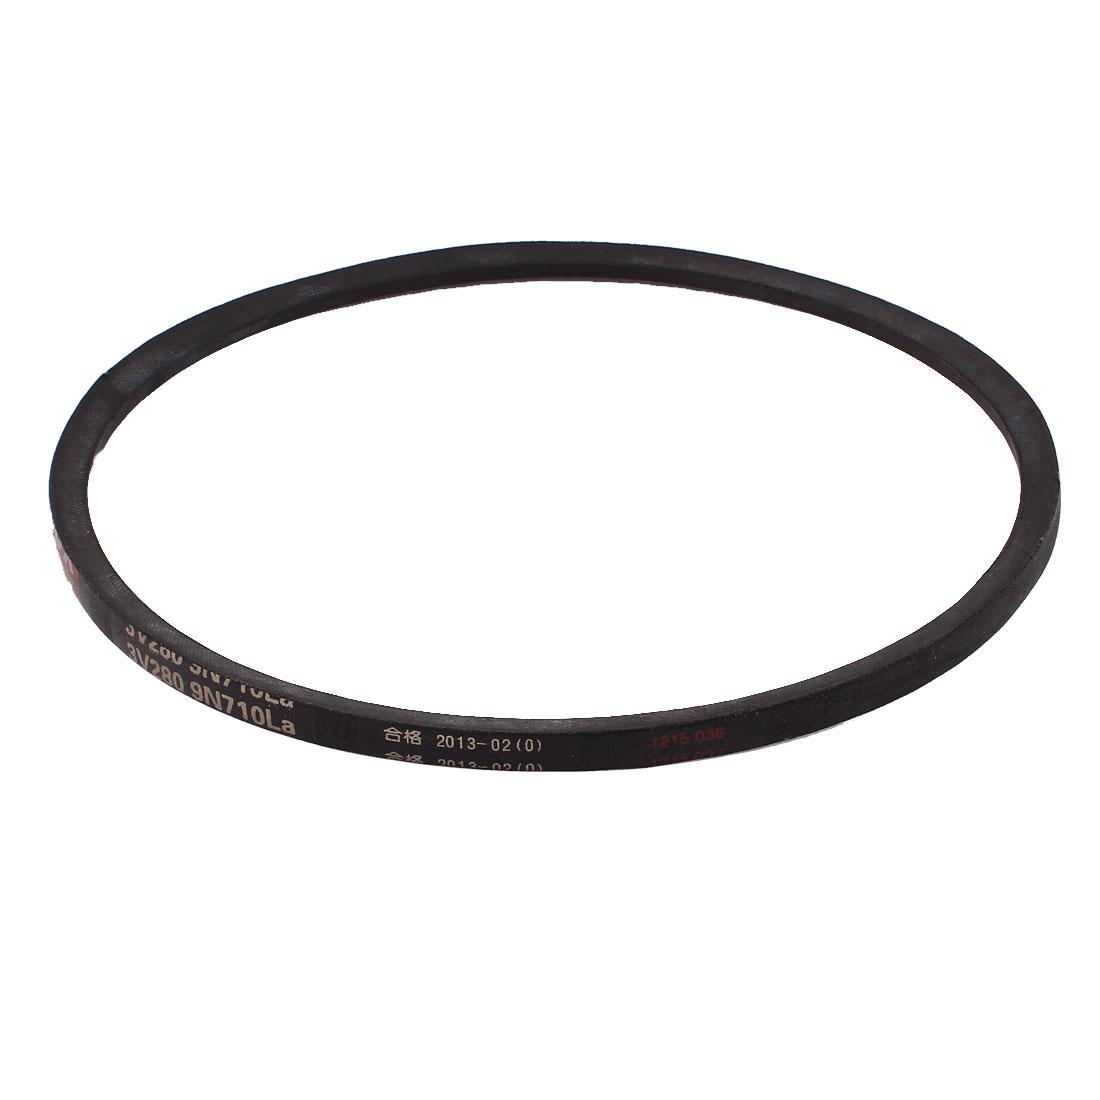 210mm Inner Dia. Mechanical Transmission Rubber 3V280-710 Oilproof Narrow V Belt